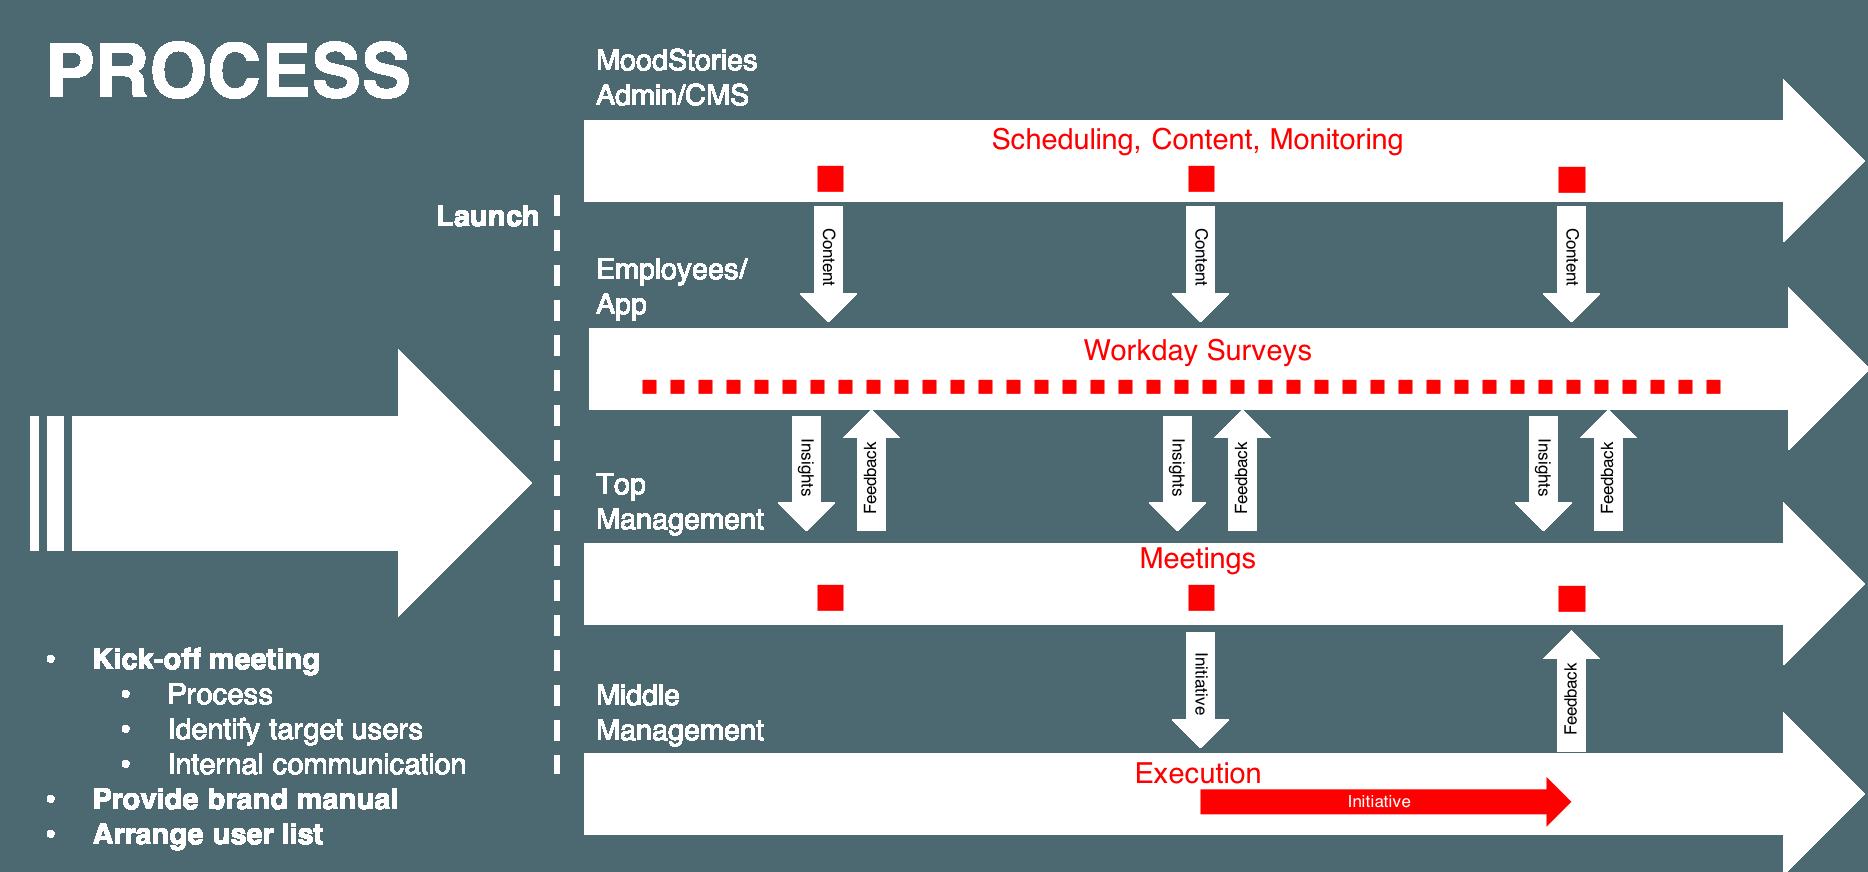 Image module